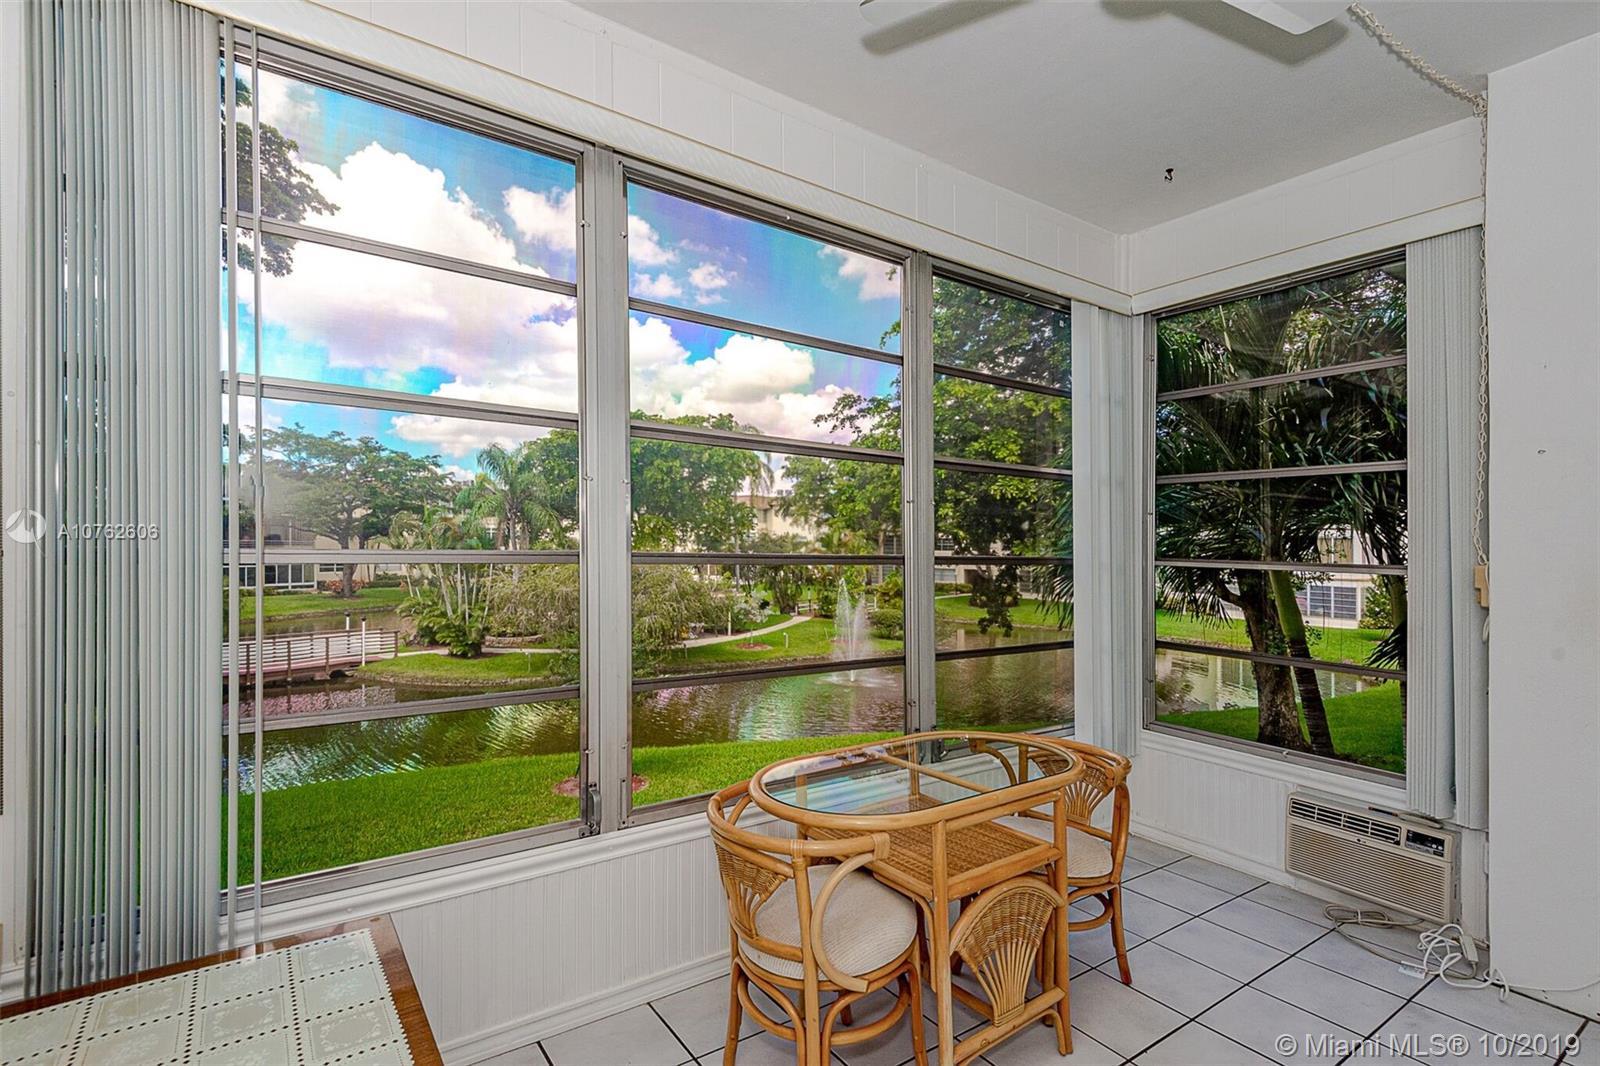 5161 W Oakland Park Blvd 208, Lauderdale Lakes, FL 33313